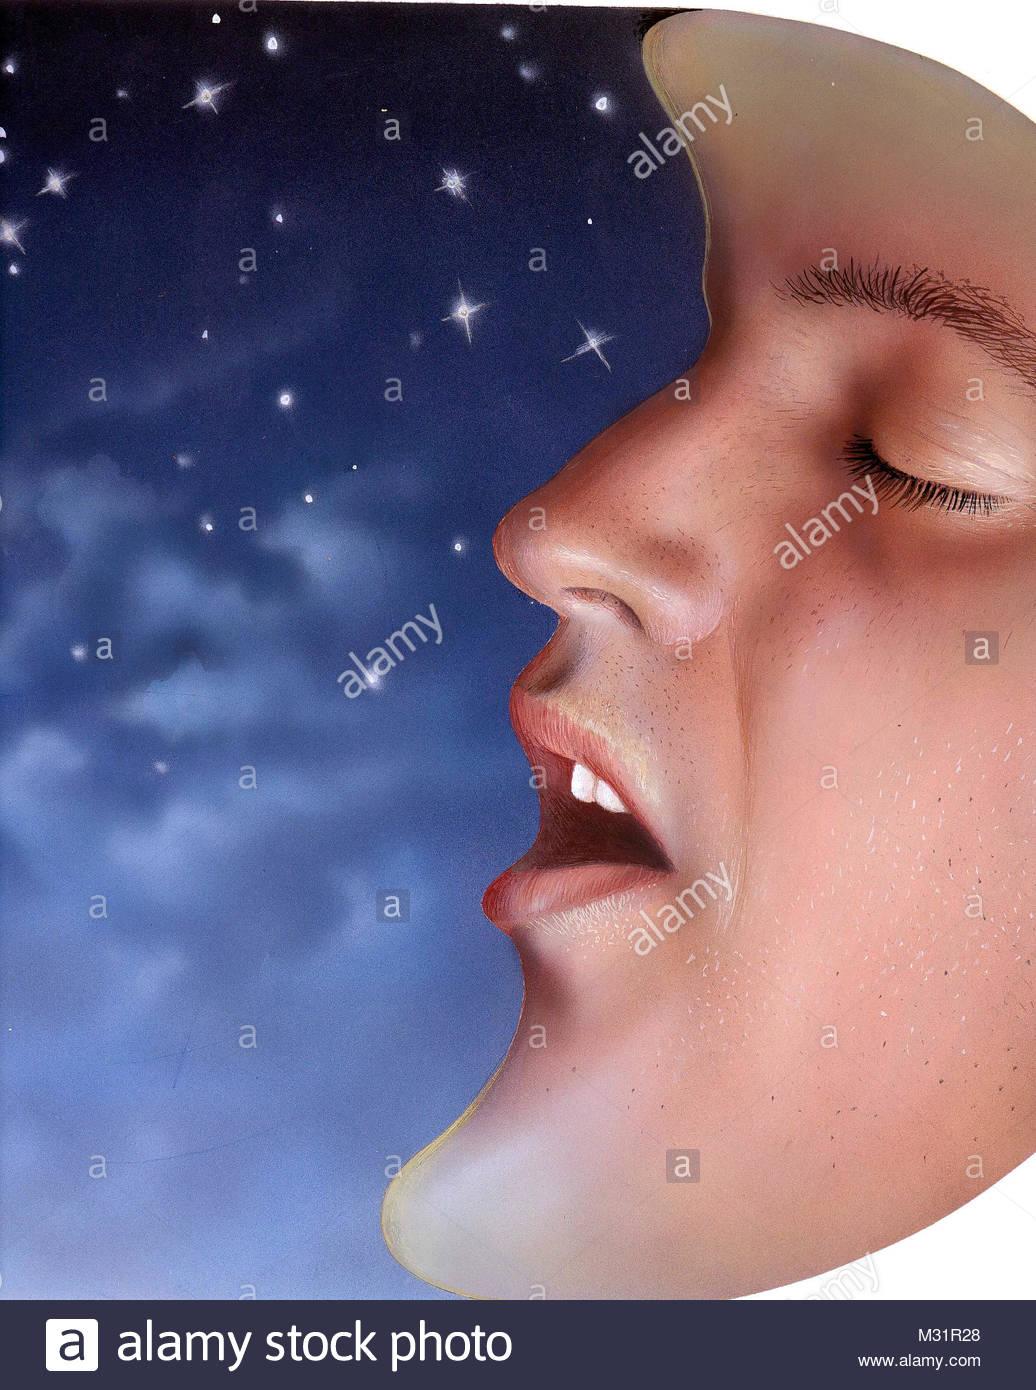 Snoring - Stock Image